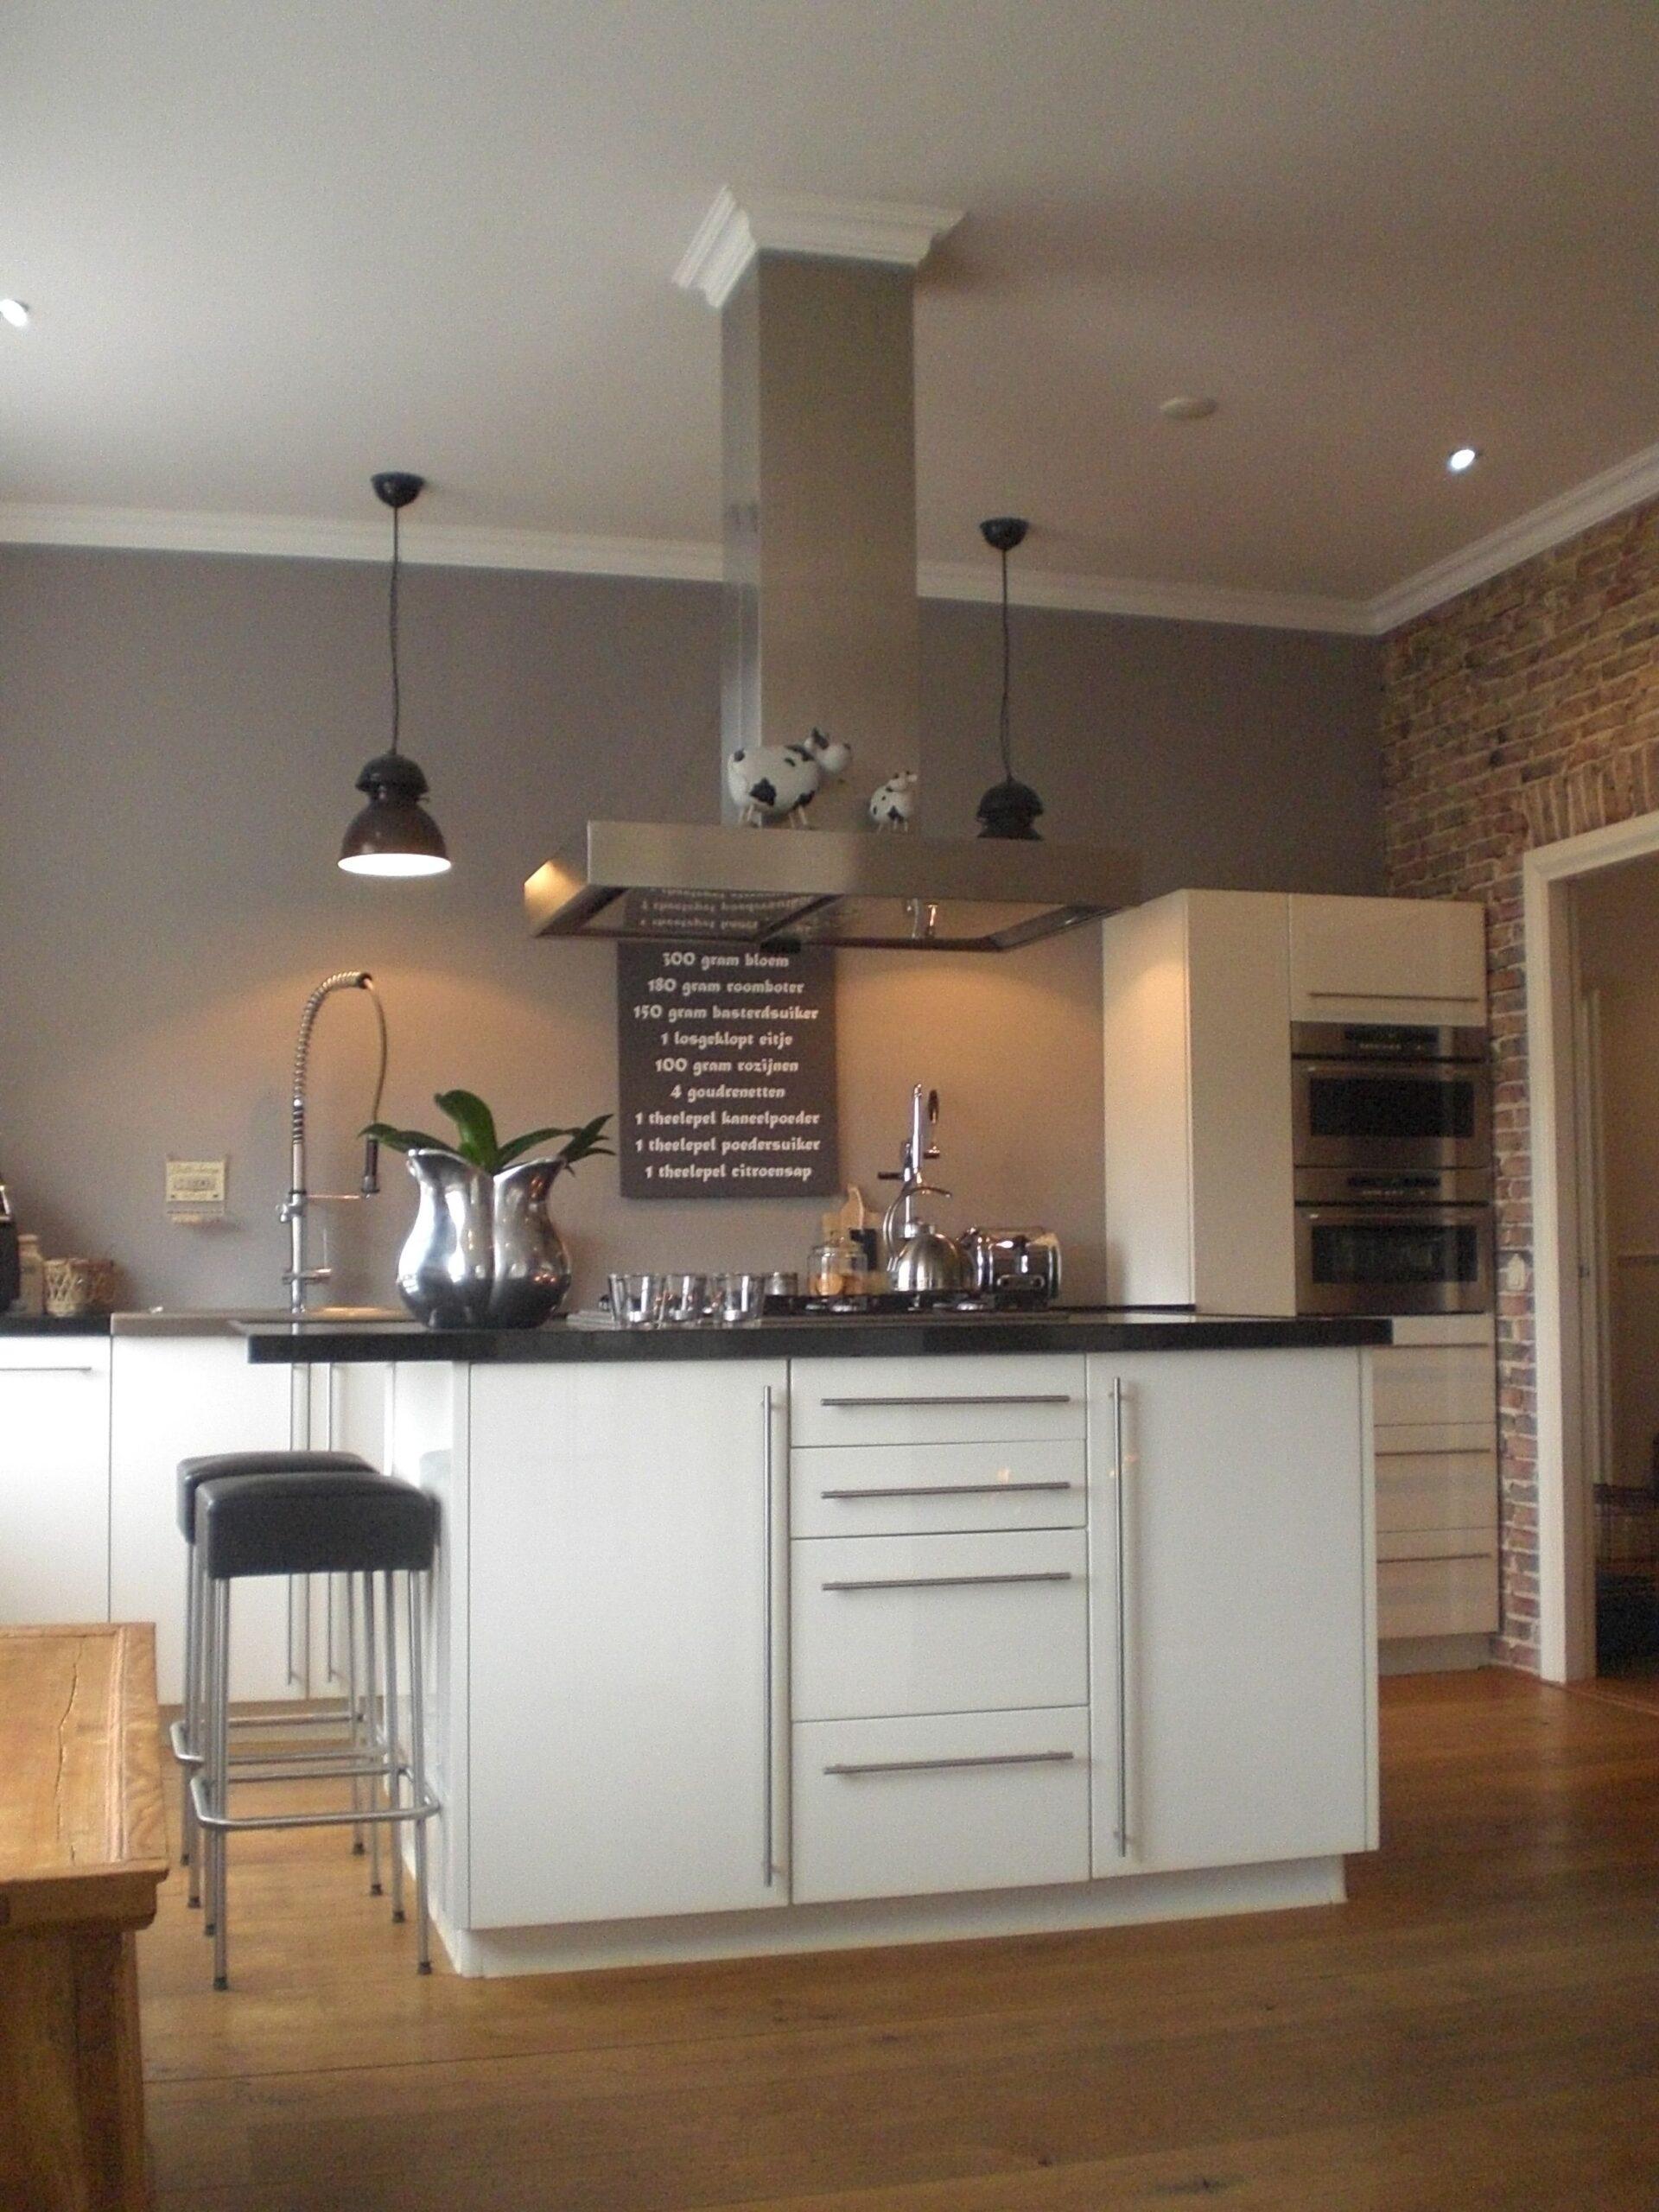 Full Size of Stilvolle Kche Grau Wandfarbe Zu Weier Kolorat Einbau Mülleimer Küche Mit Elektrogeräten Günstig Büroküche Stehhilfe Tapete Modern Arbeitsschuhe Billig Wohnzimmer Wandfarbe Küche